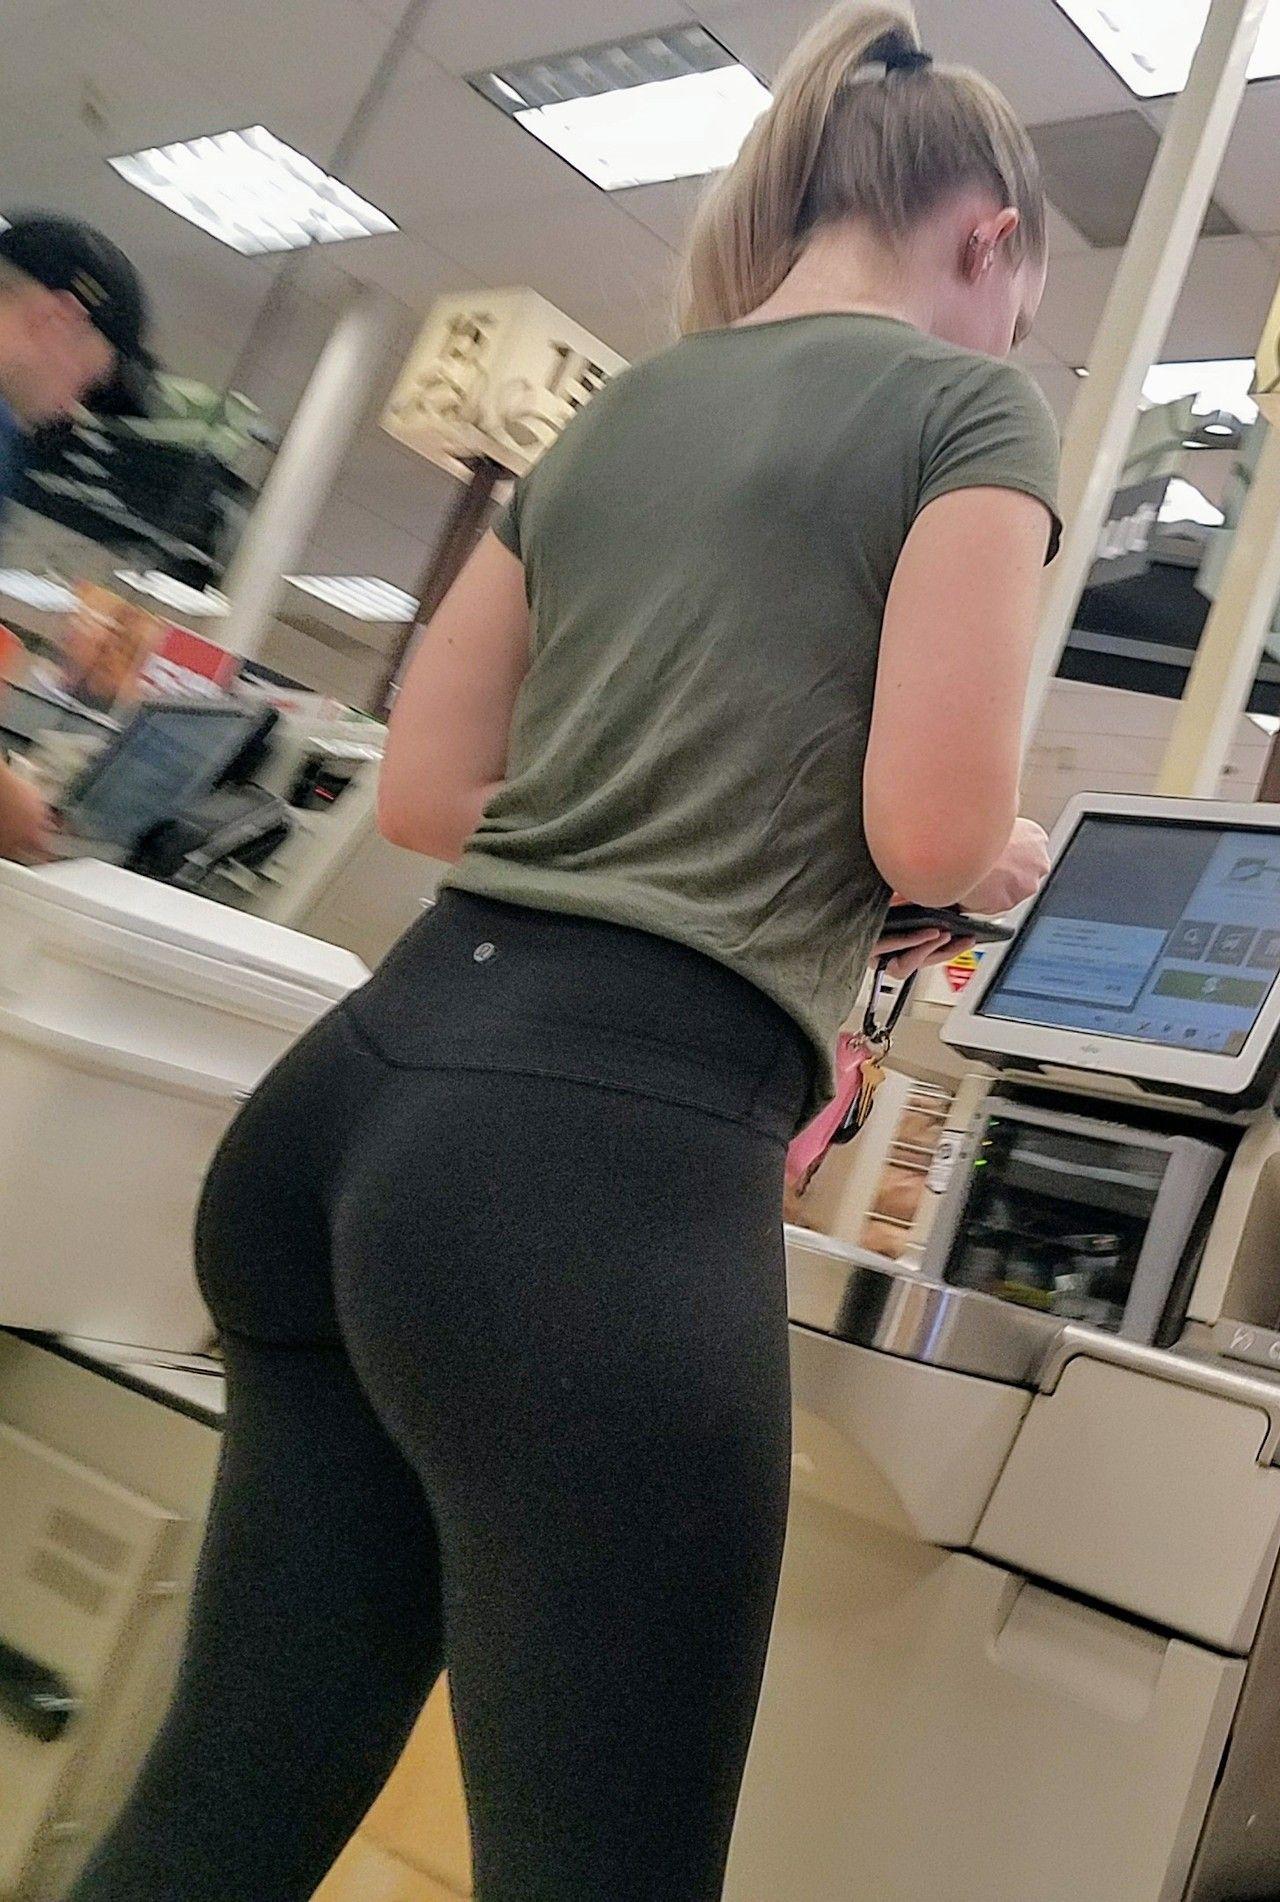 Hot girls ass leggings